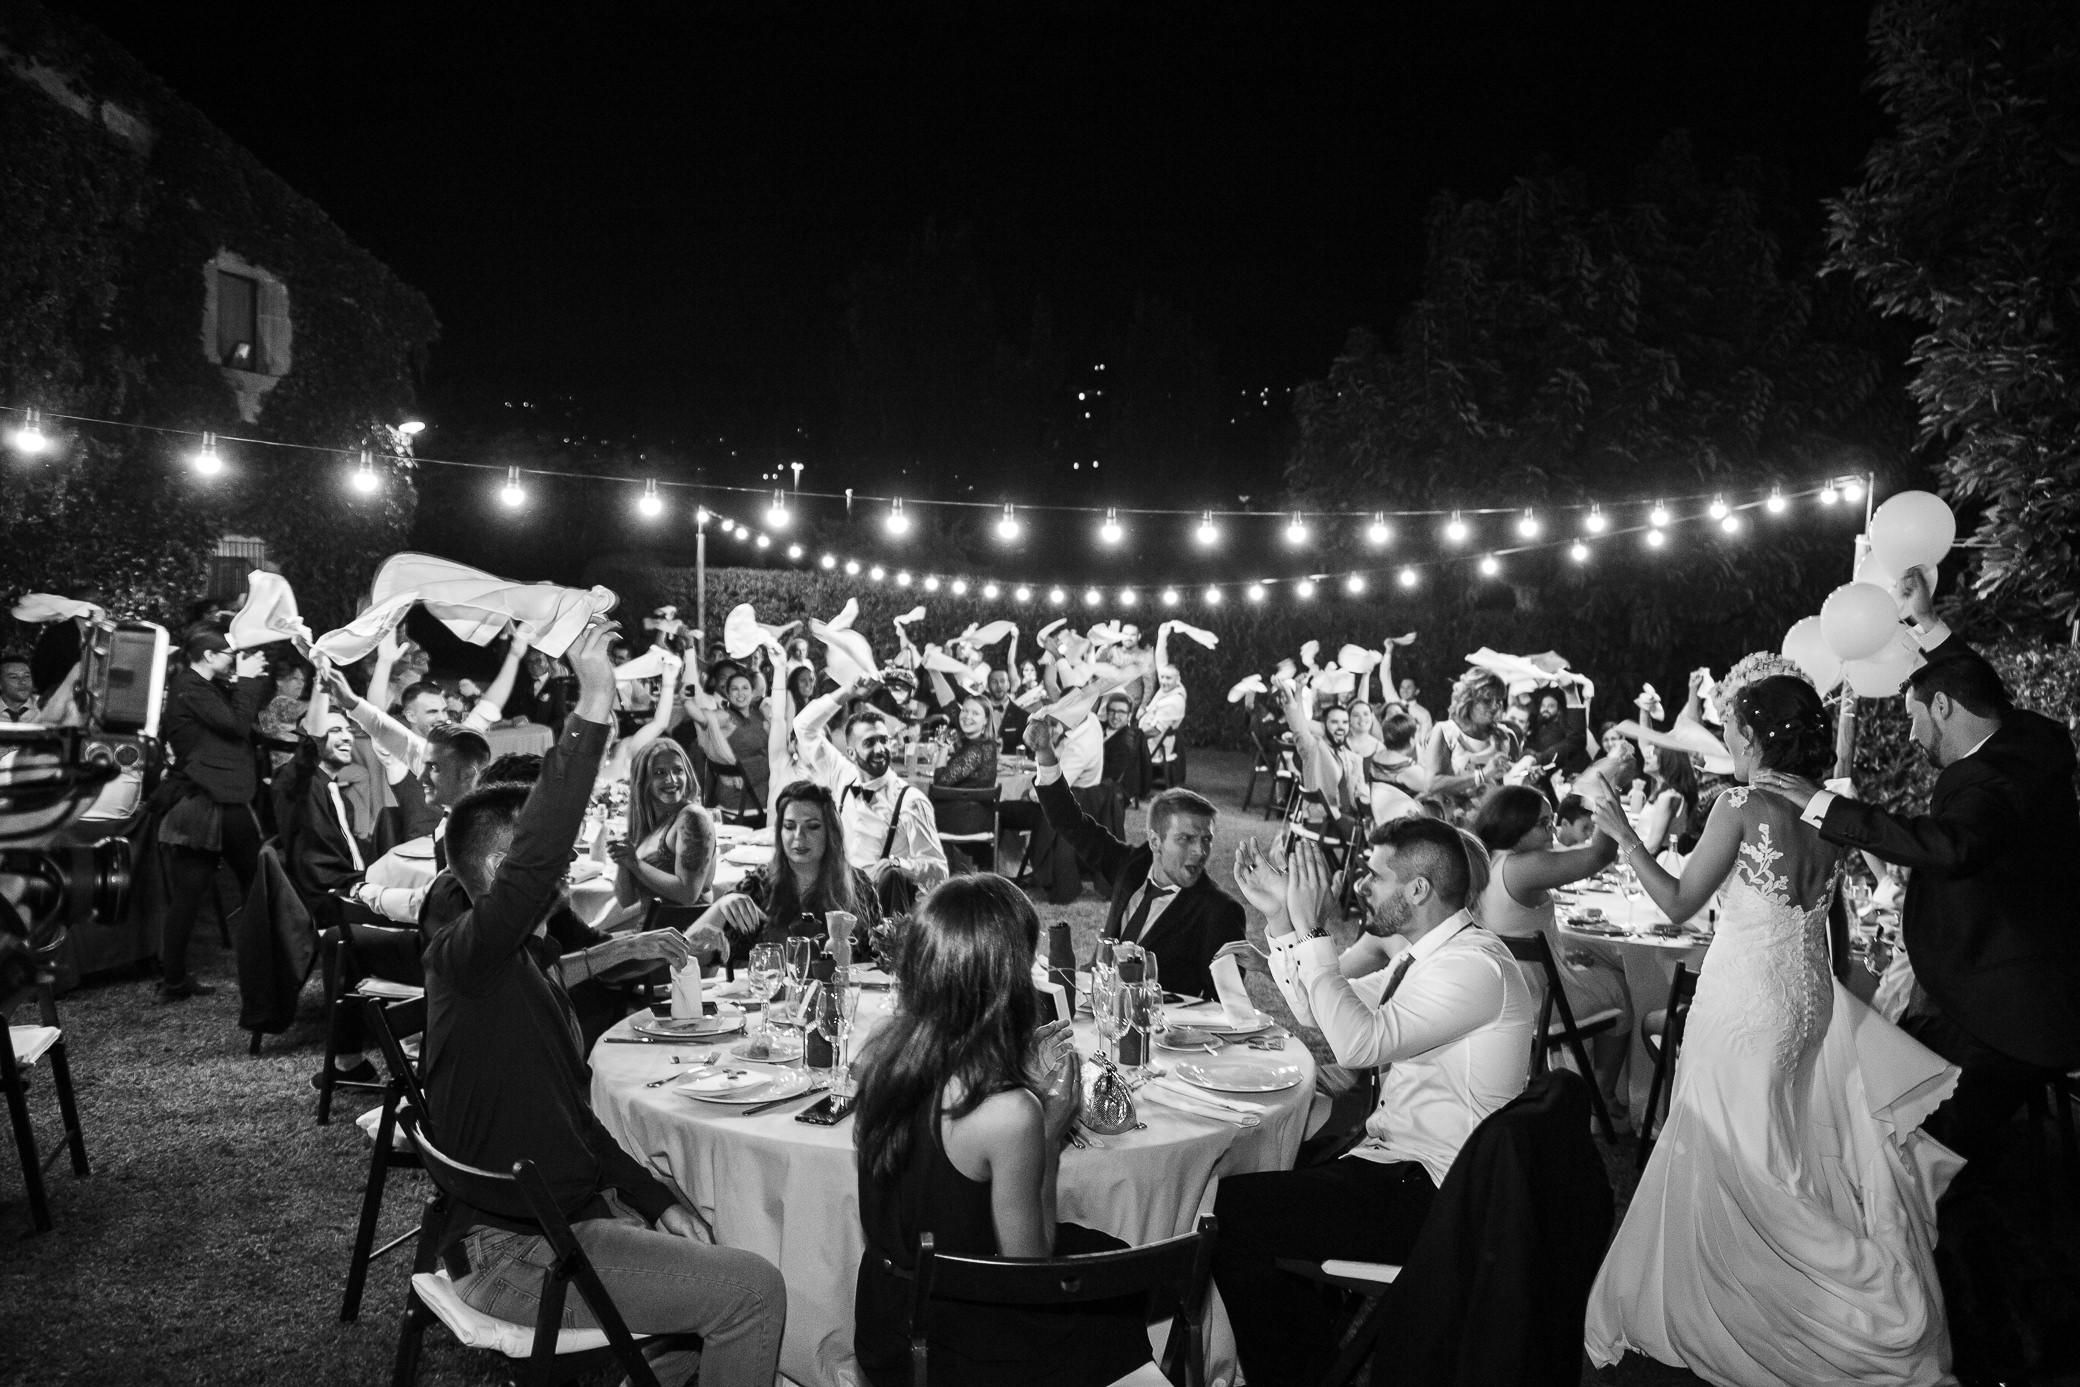 boda-aire-libre-can-tosca-photografeel-65.jpg